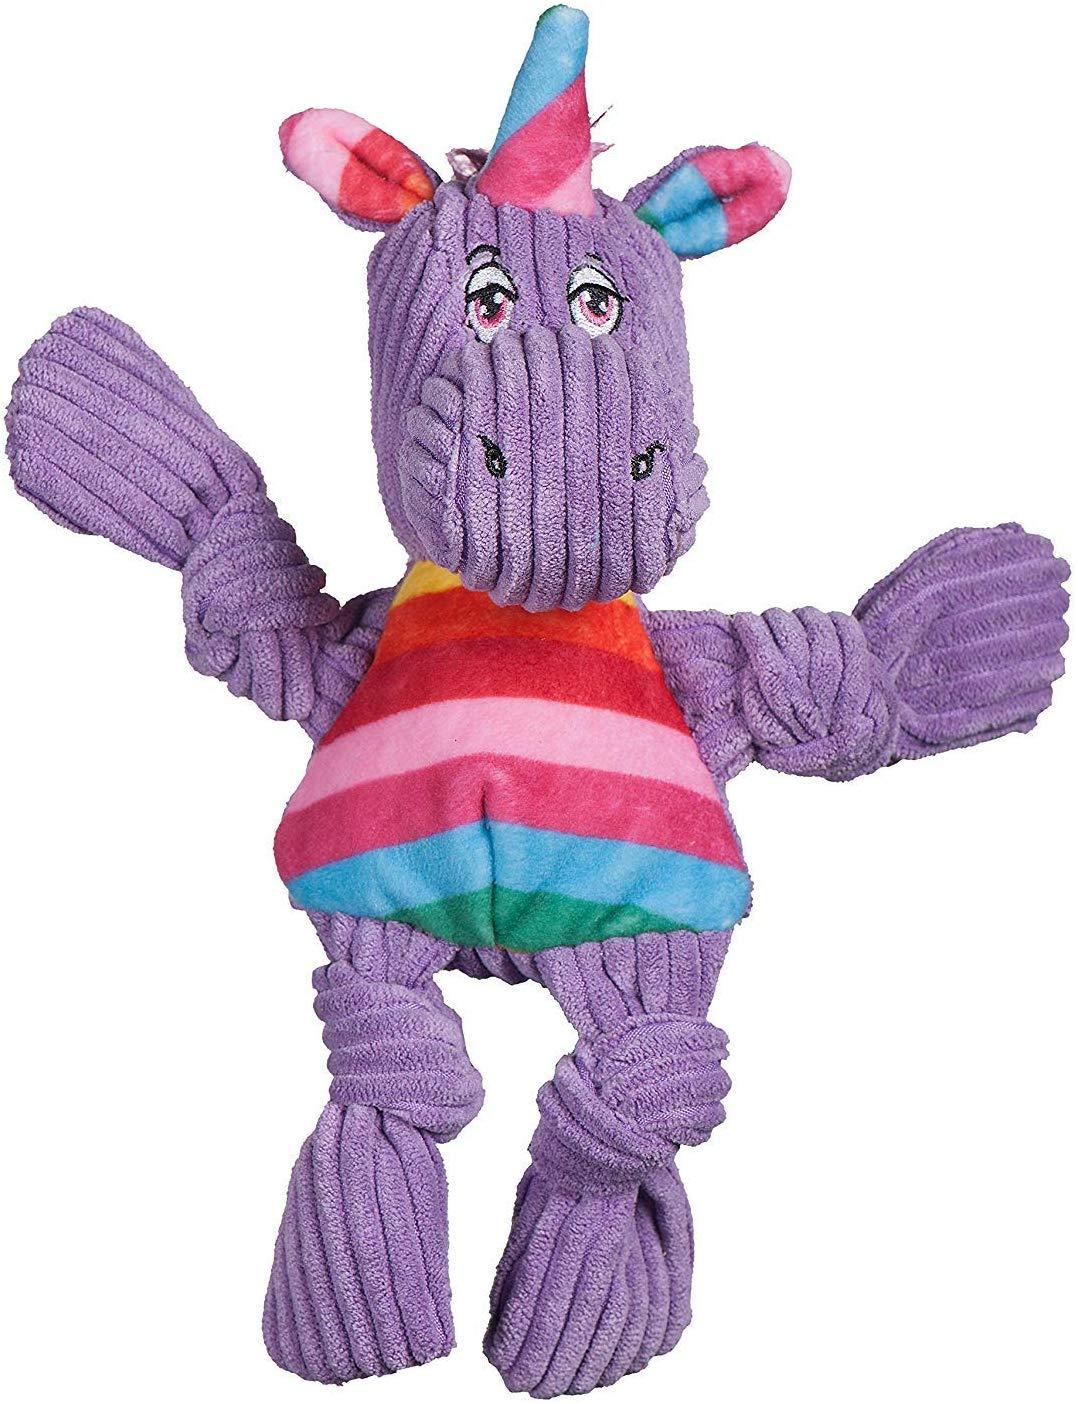 HuggleHounds Knottie Rainbow Unicorn Dog Toy, Large